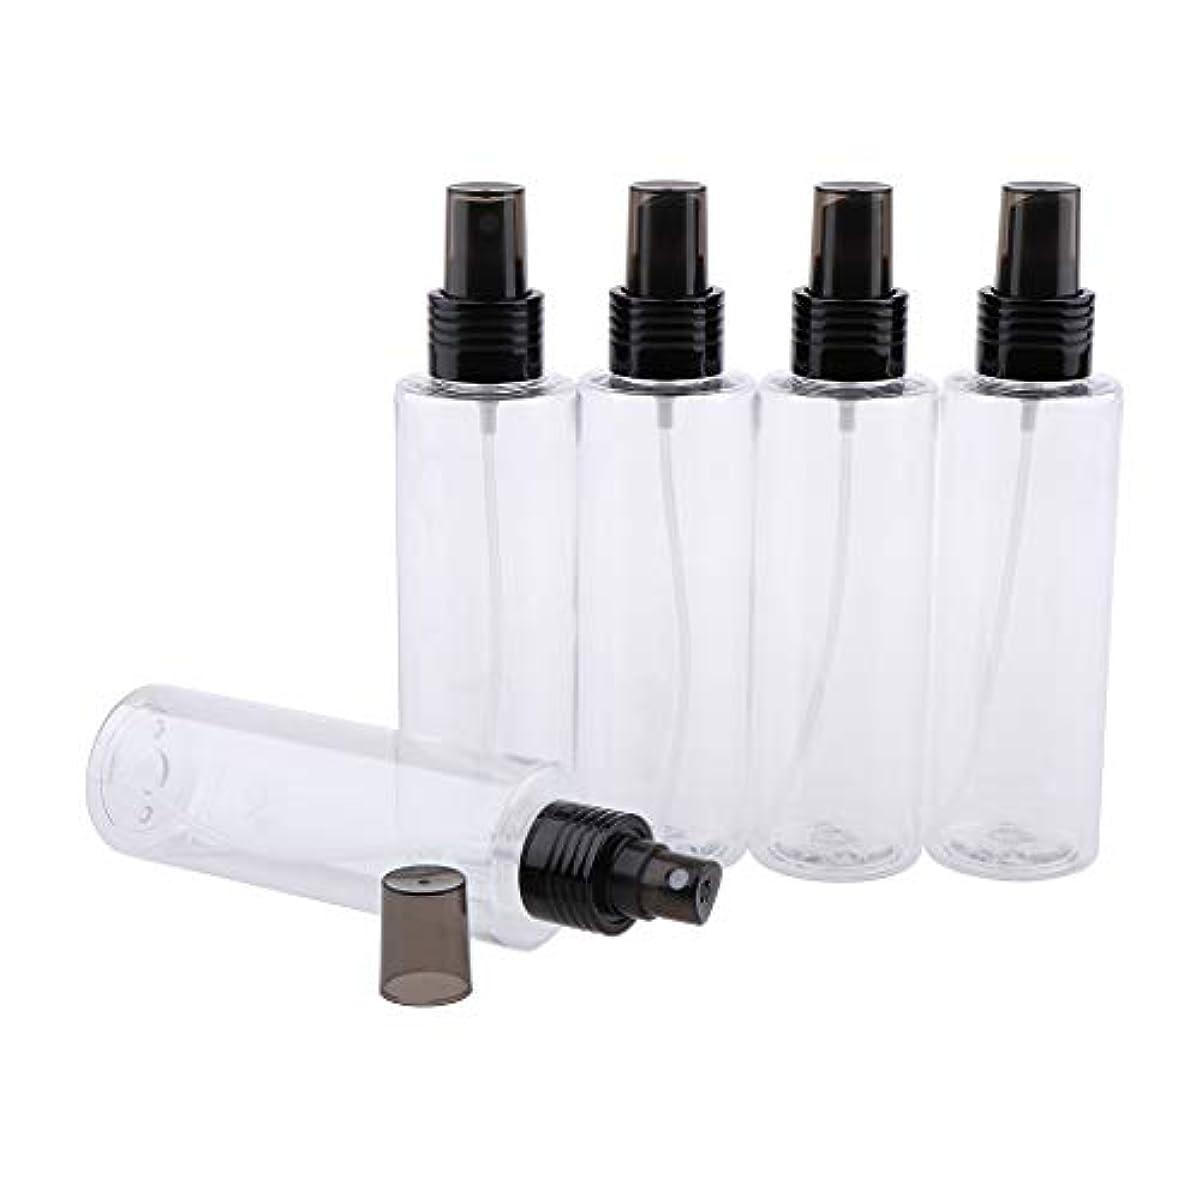 着実に側実業家FutuHome 5ピース旅行ボトル空のクリアプラスチックファインミストスプレーボトル用クリーニング、旅行、精油、香水 - 150ML